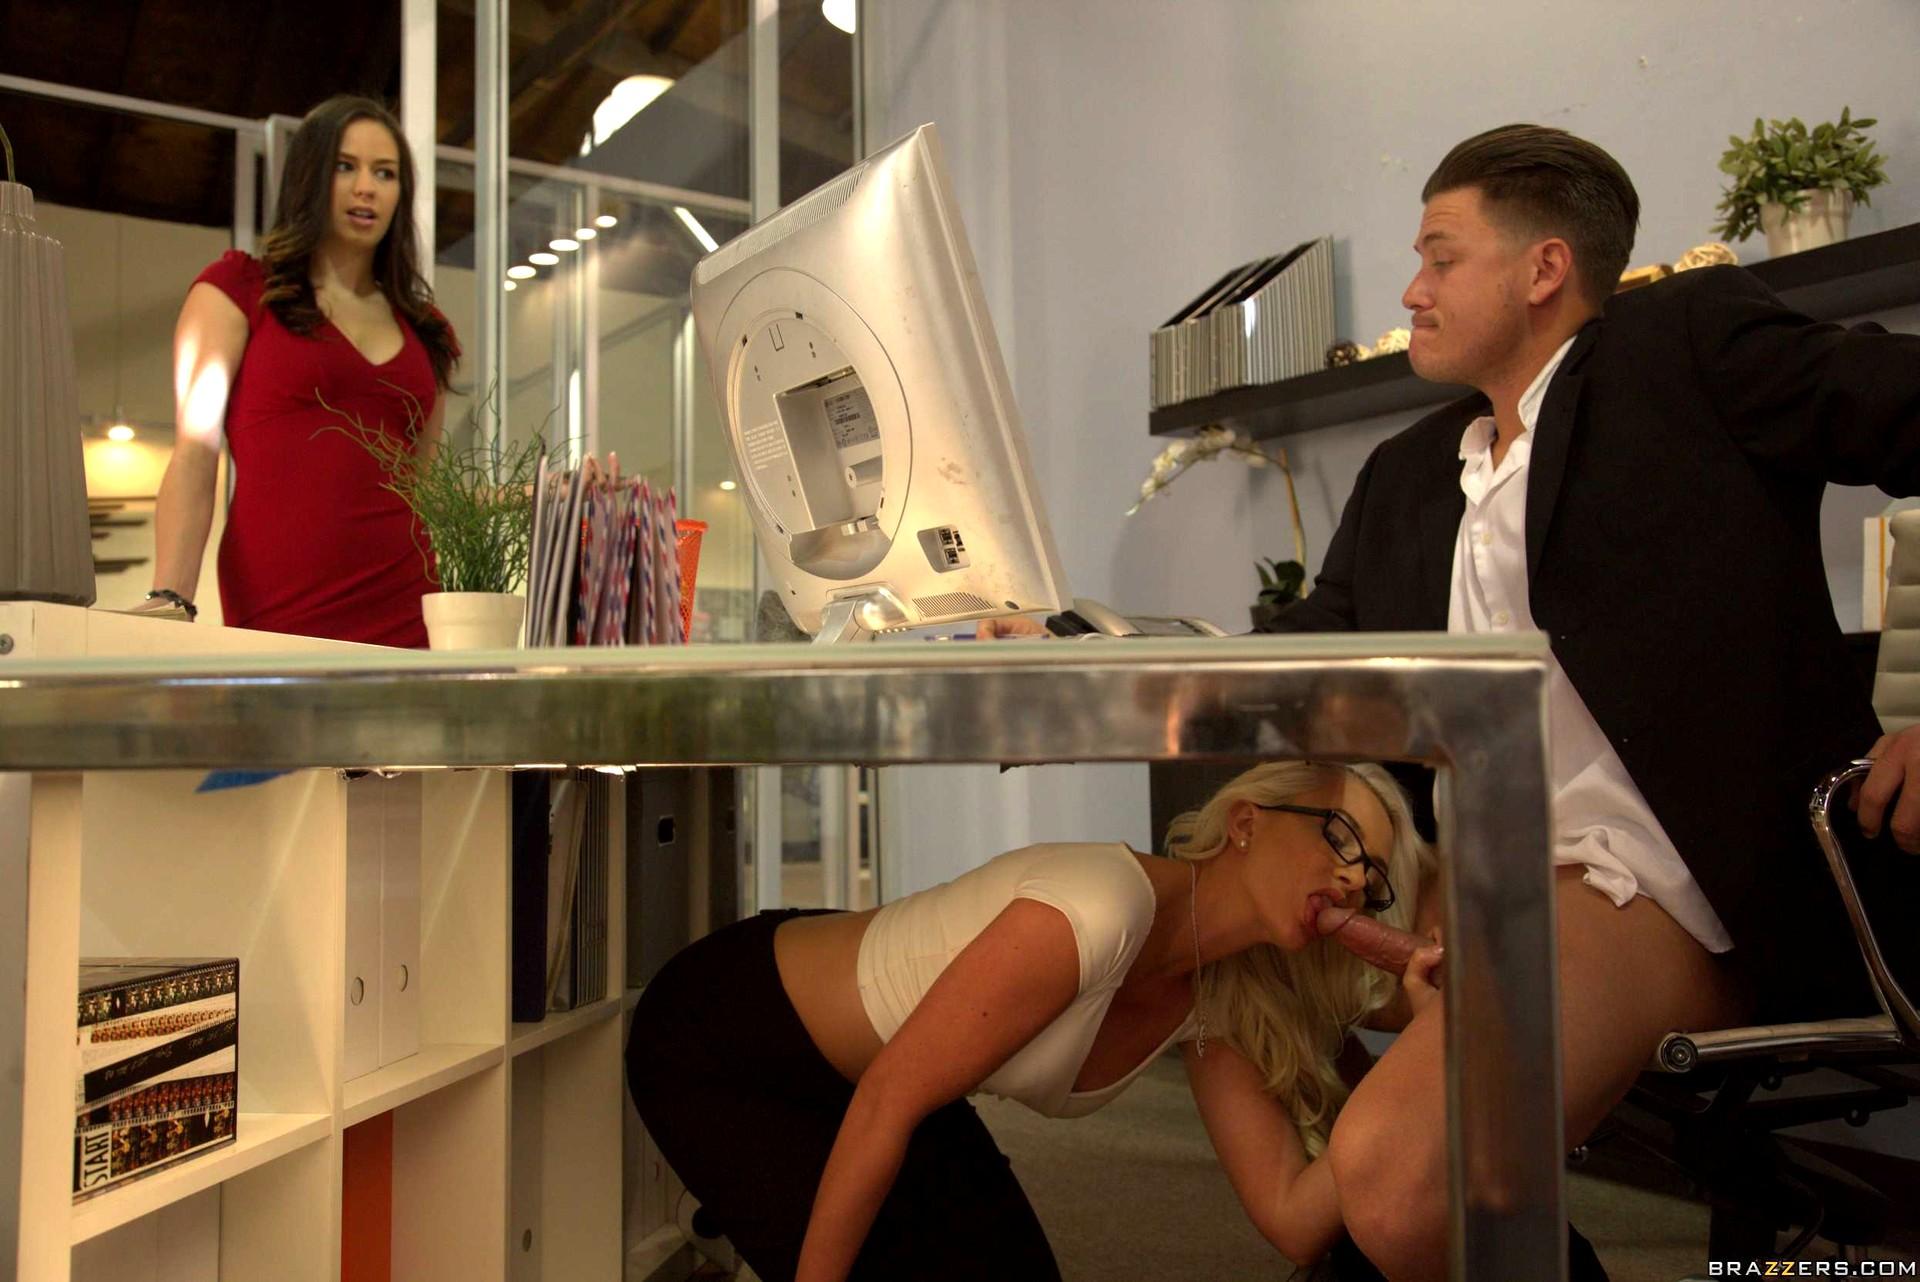 Рассказы про минет под столом, Утренний миньет для шефа - порно рассказы 20 фотография